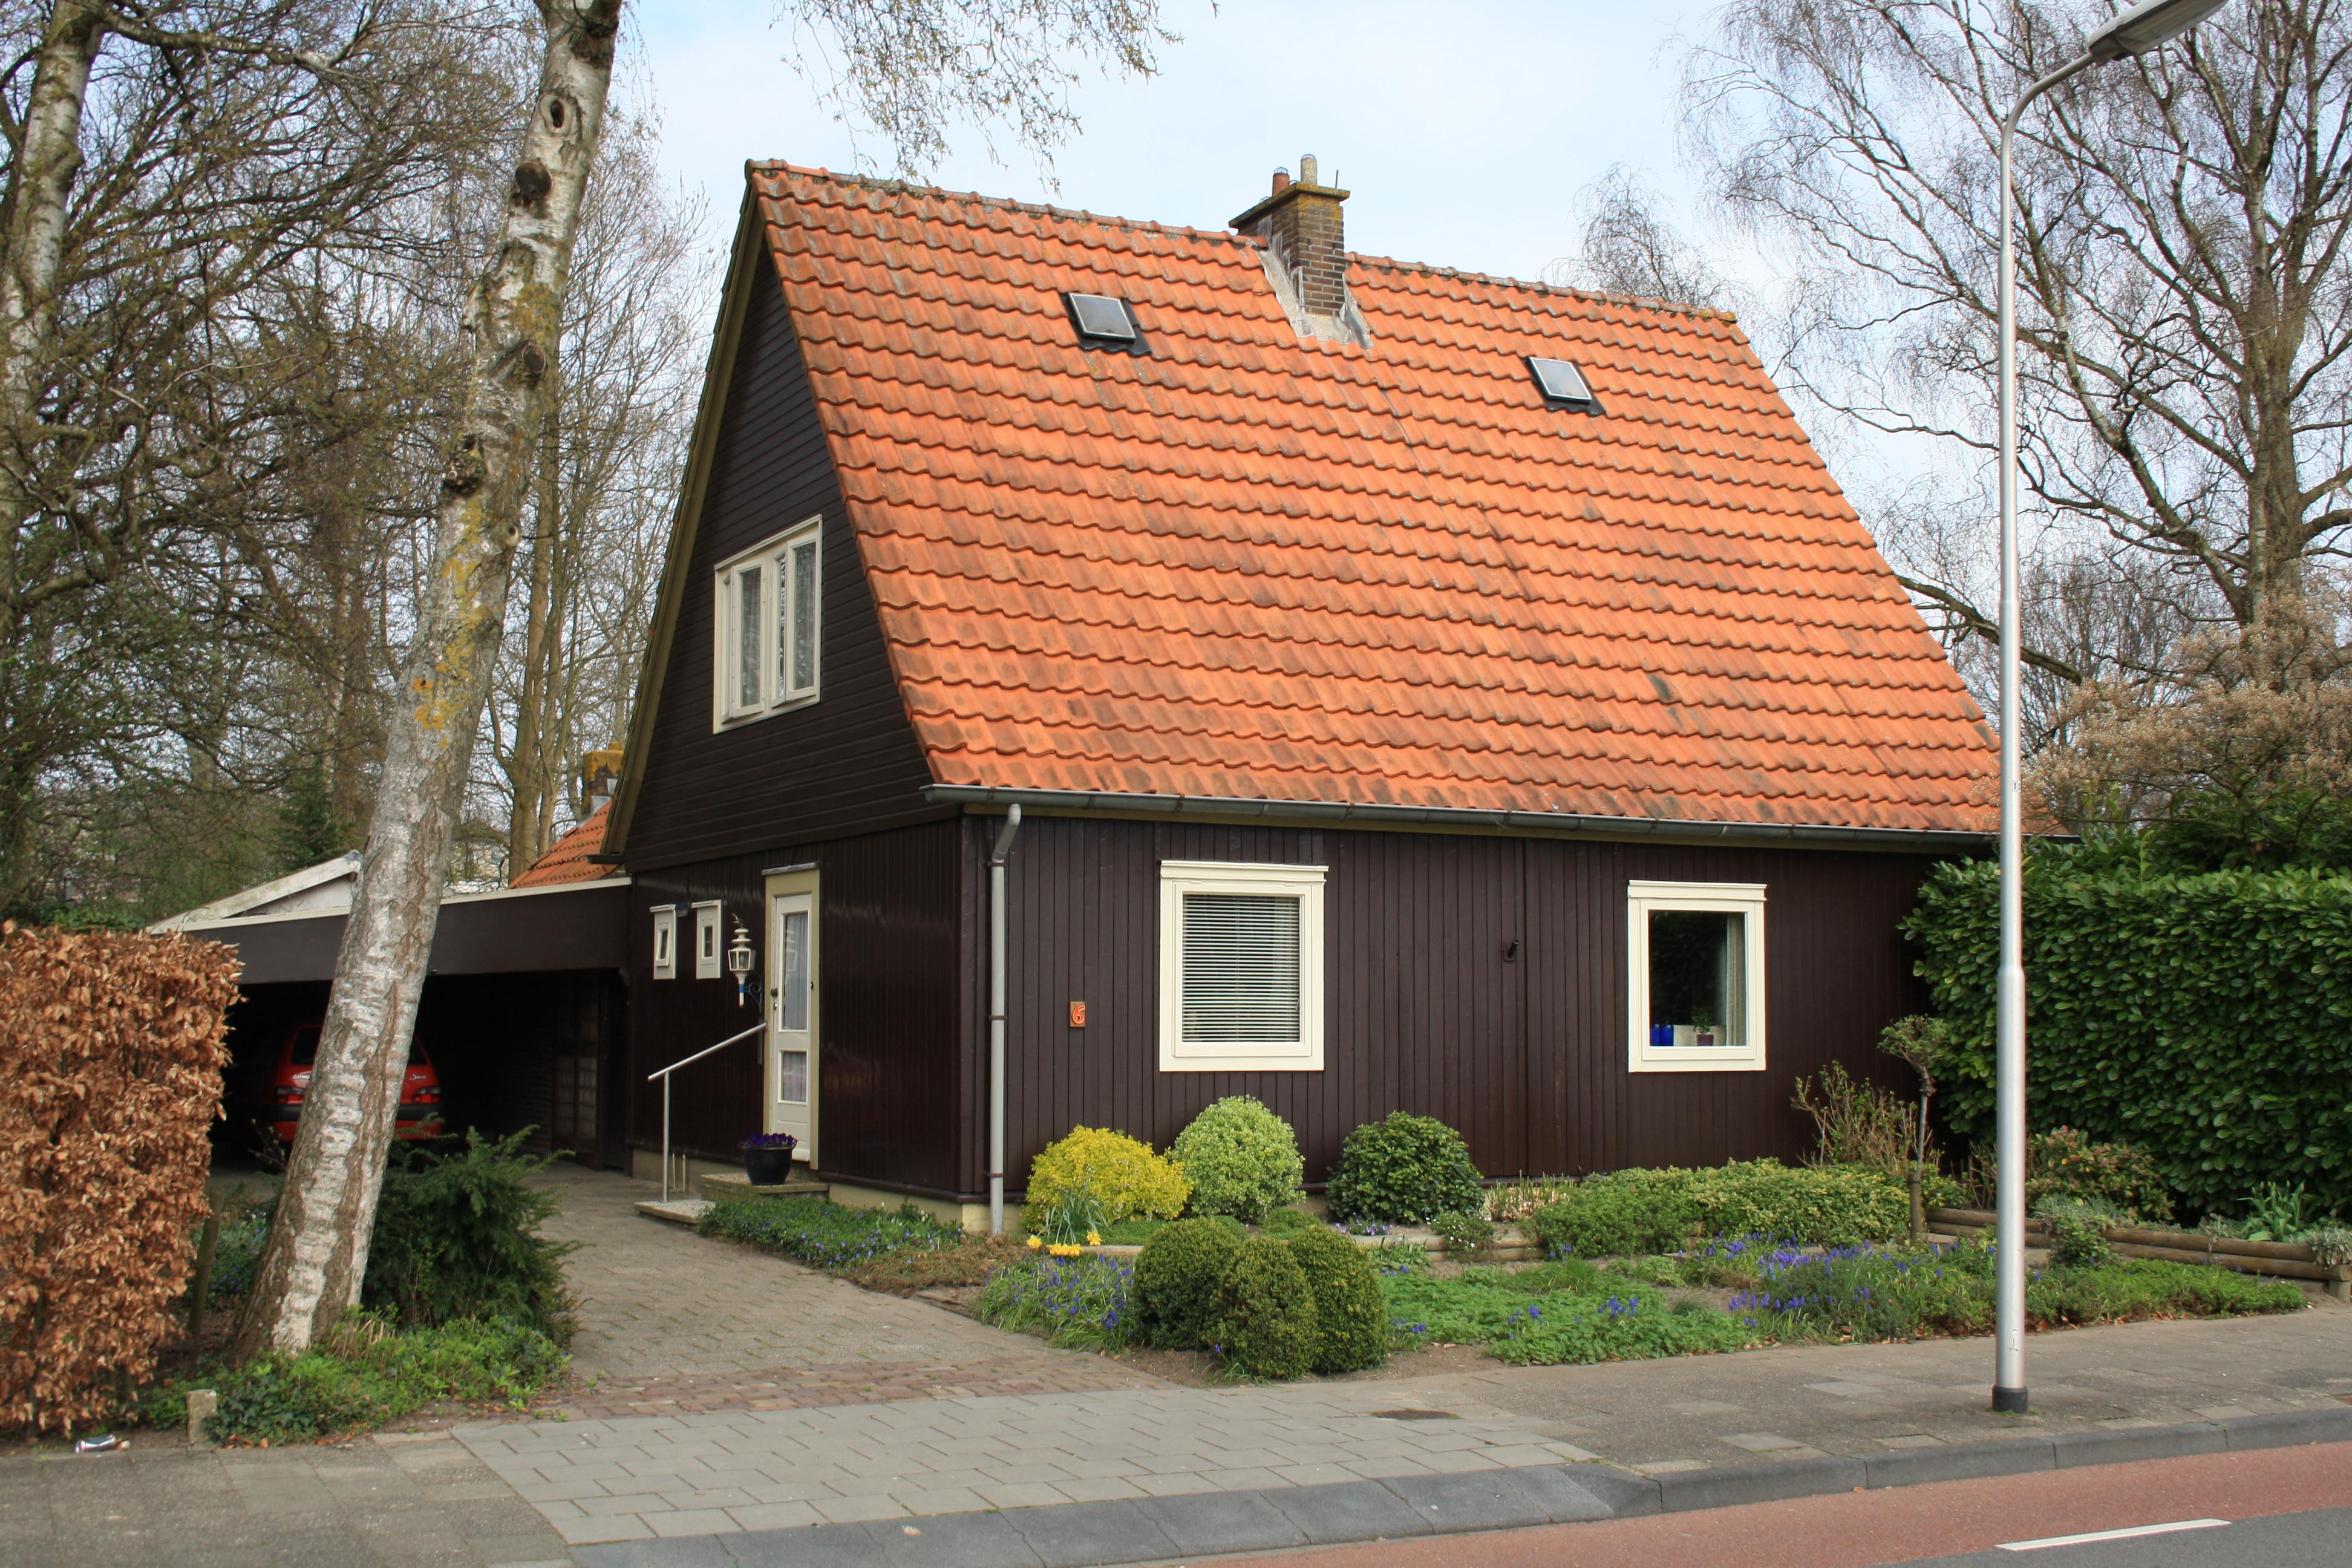 Houten woonhuis van het type ow in emmeloord monument - Meer mooie houten huizen ...